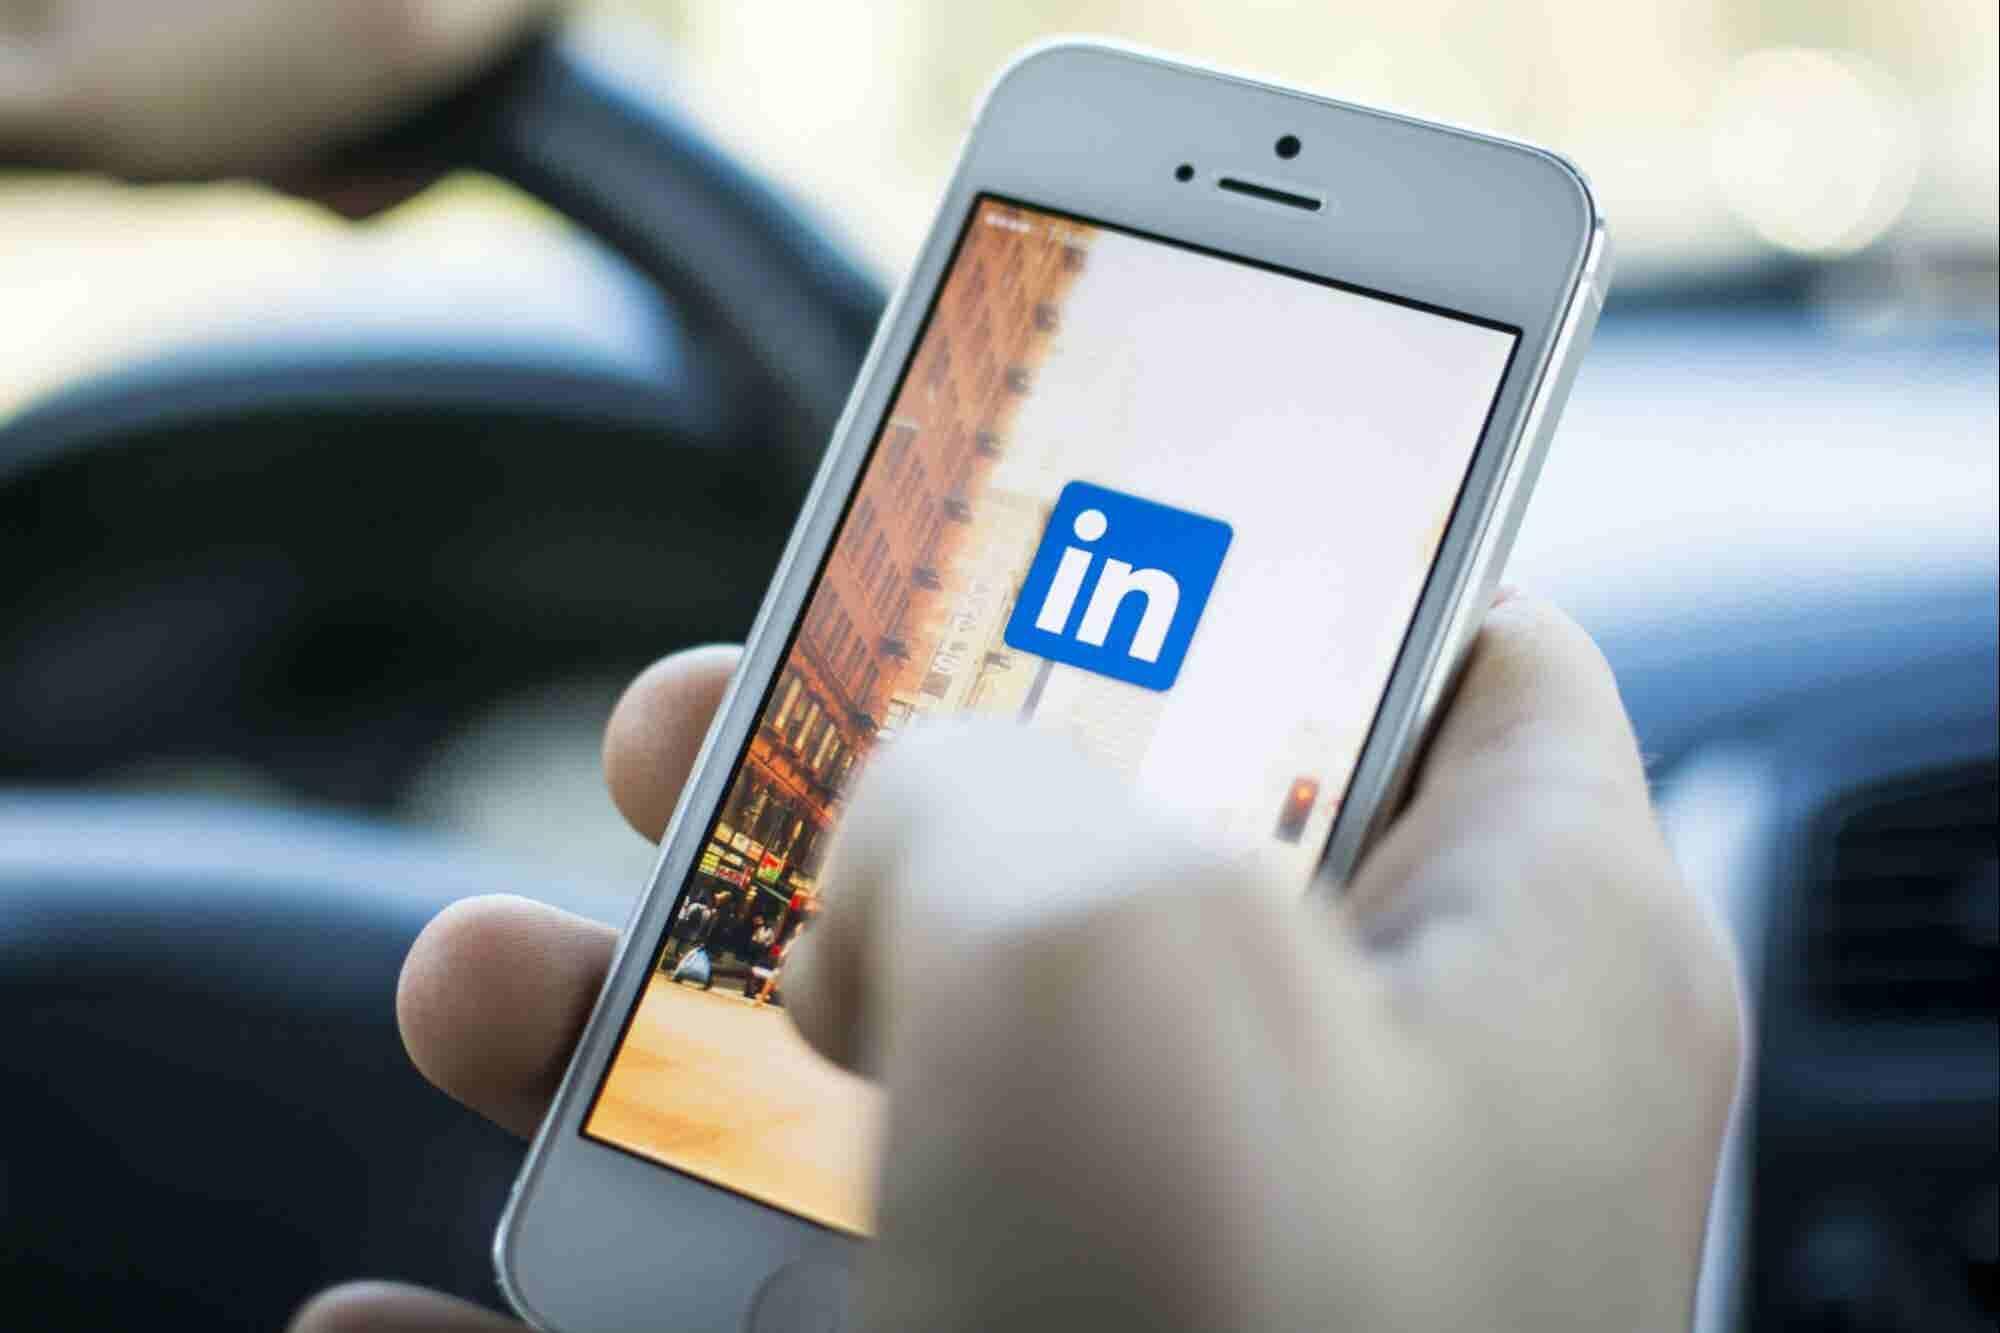 ¡Ya puedes usar LinkedIn para anunciarte! Aquí te decimos cómo